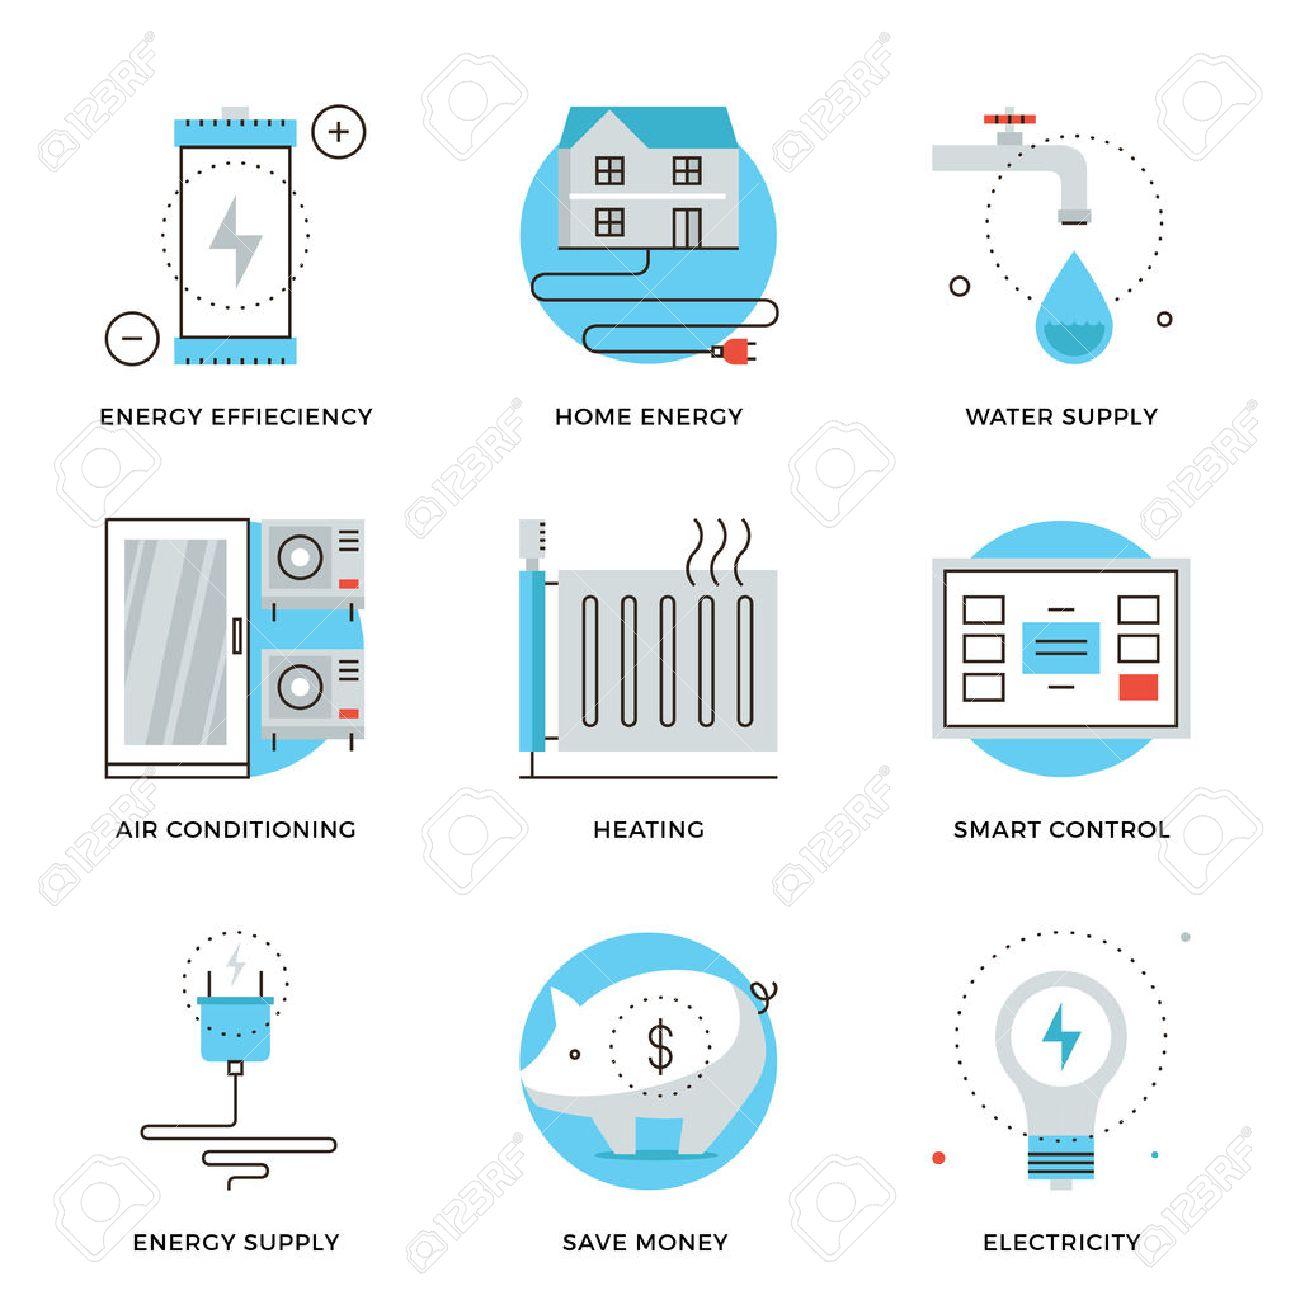 dicnes de lignes minces de internet du systme intelligent de la technologie de la - Consommation Electrique D Une Maison